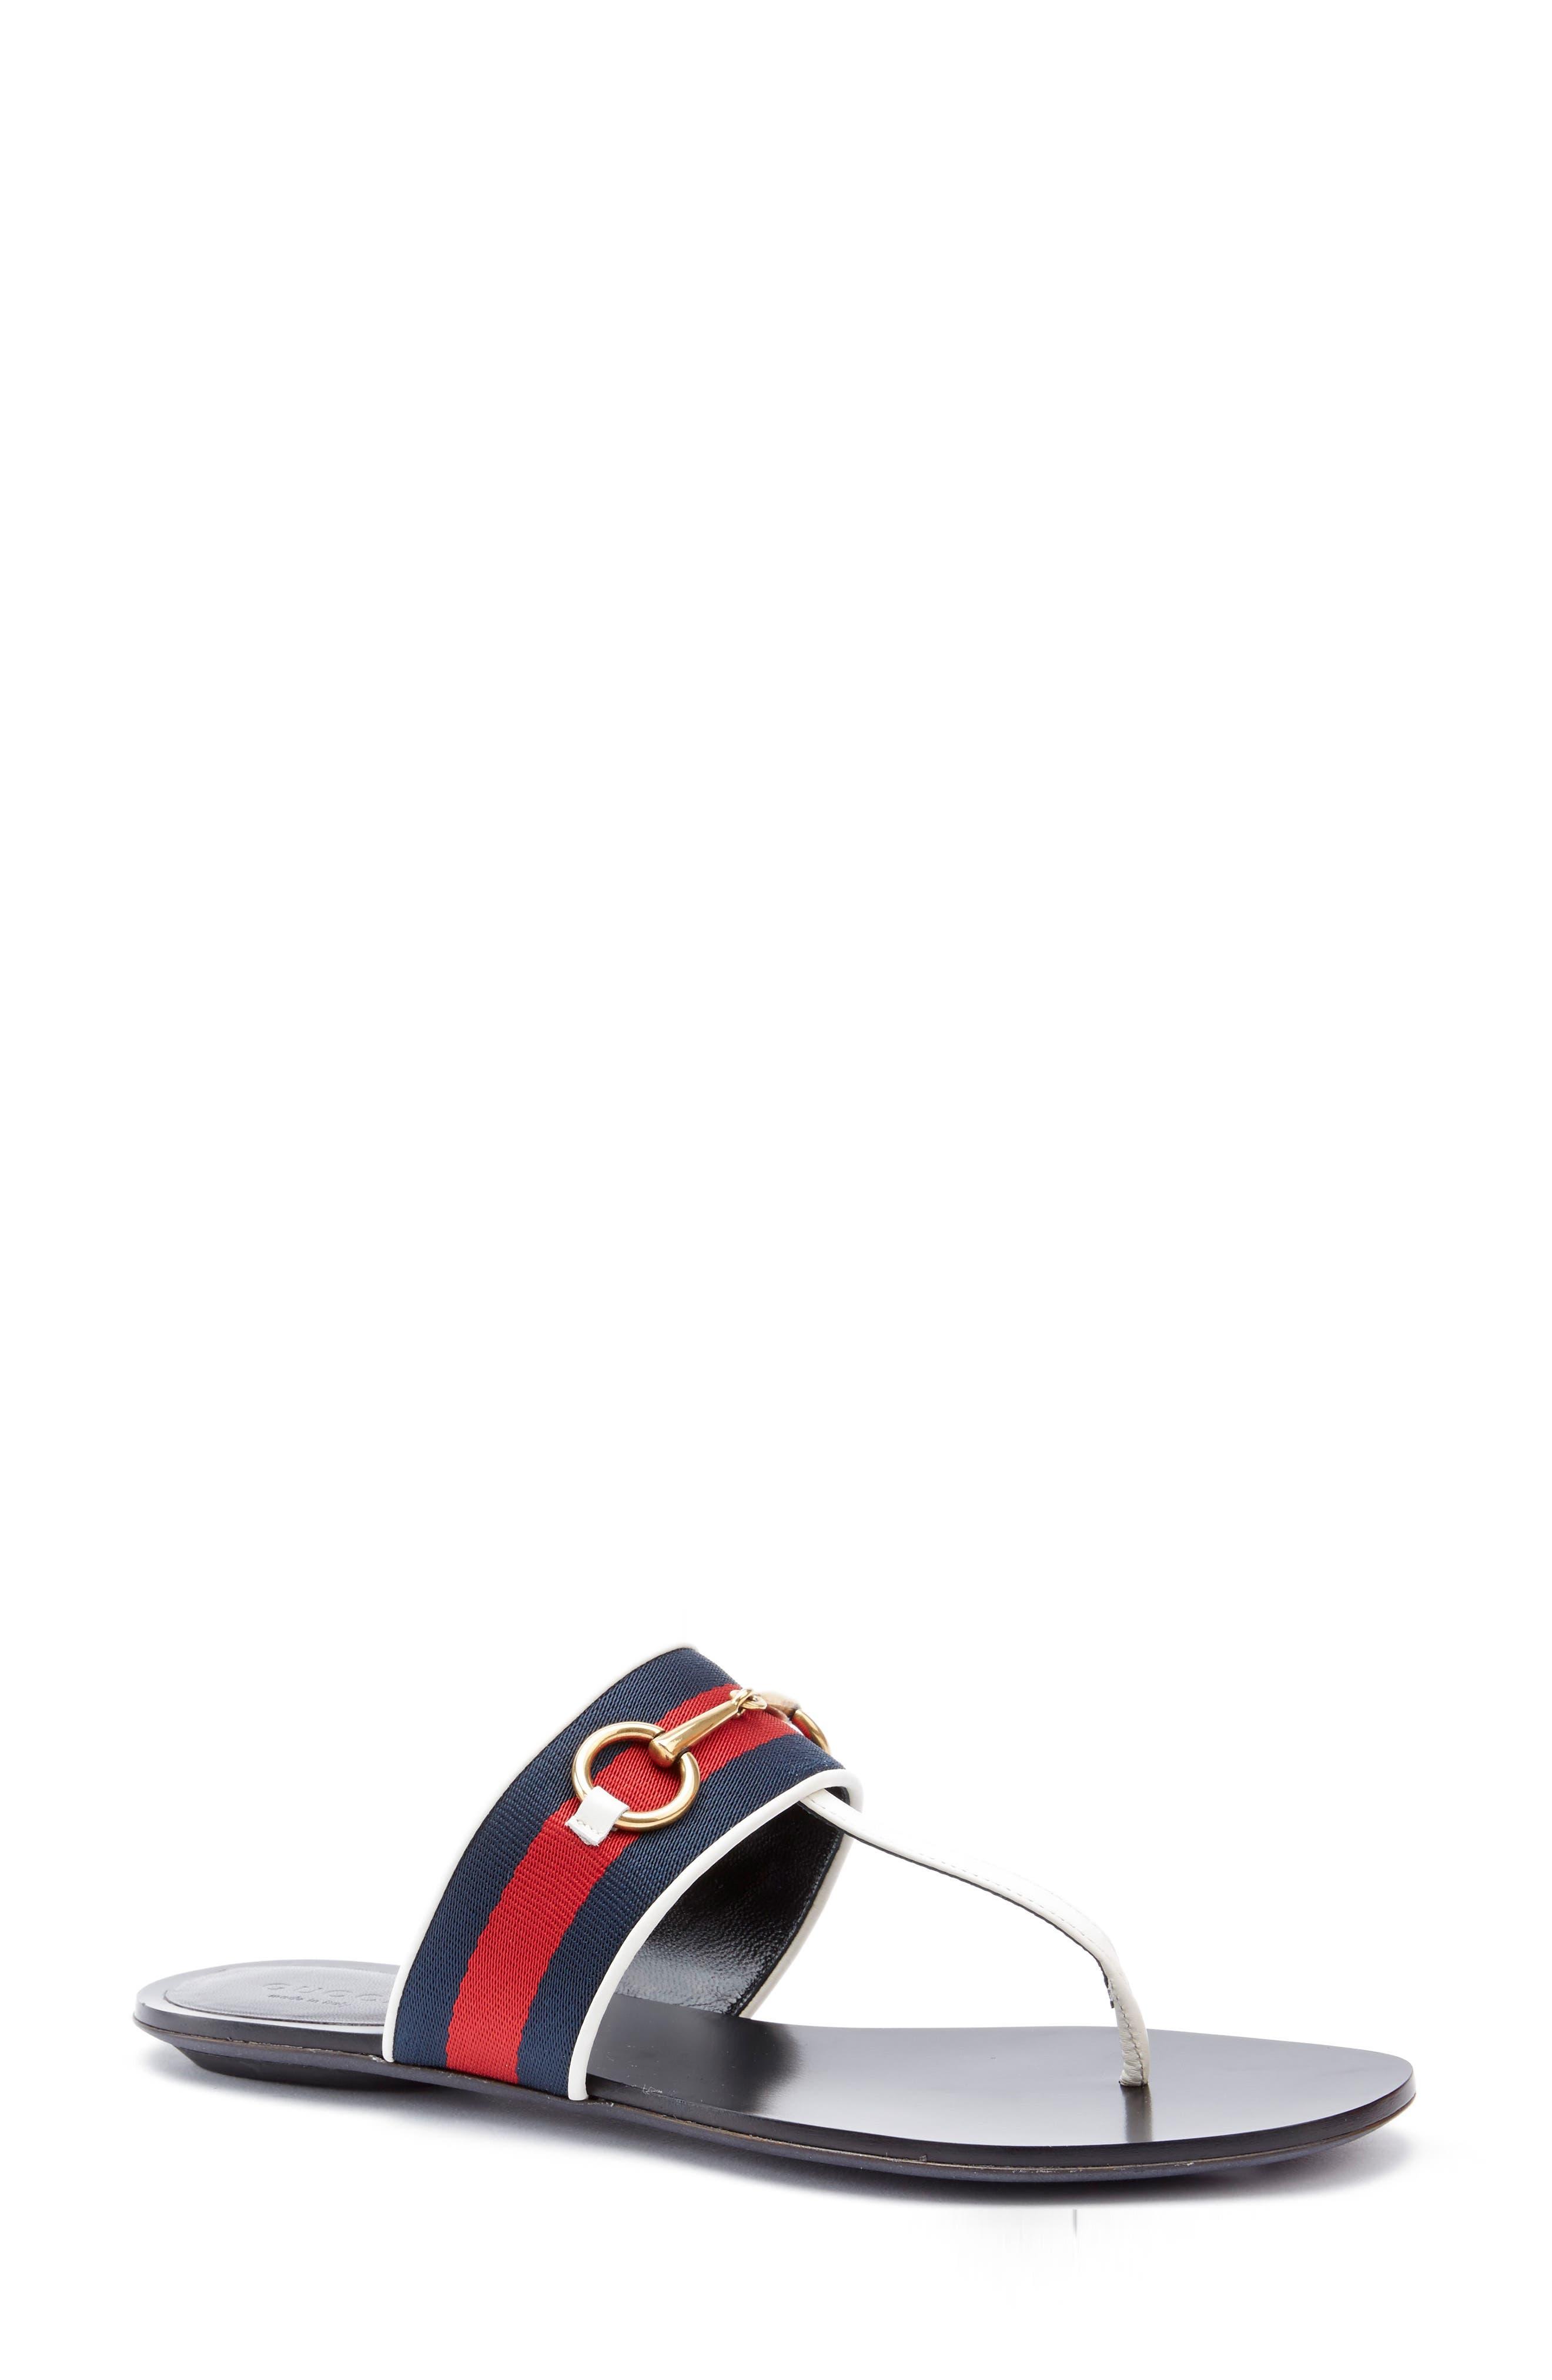 Querelle Sandal,                             Main thumbnail 1, color,                             100